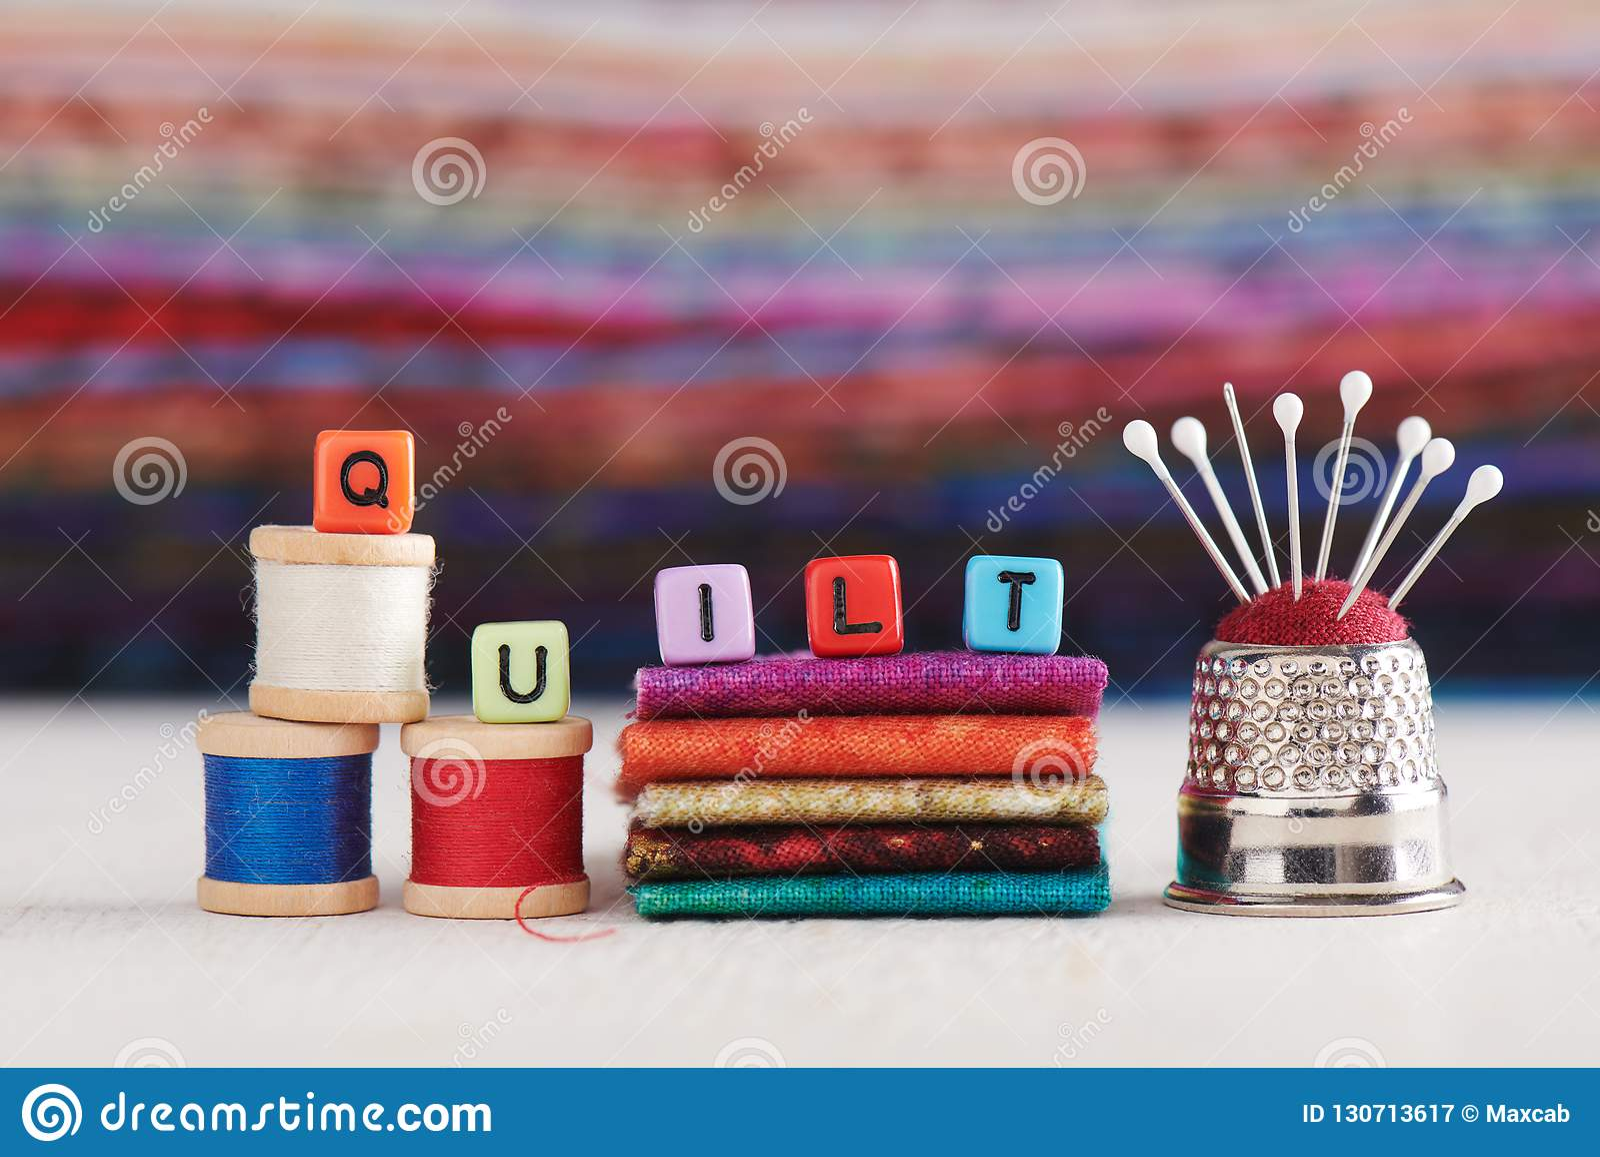 La palabra EDREDÓN se compone de los cubos de imitación de la joyería rodeó los accesorios de costura